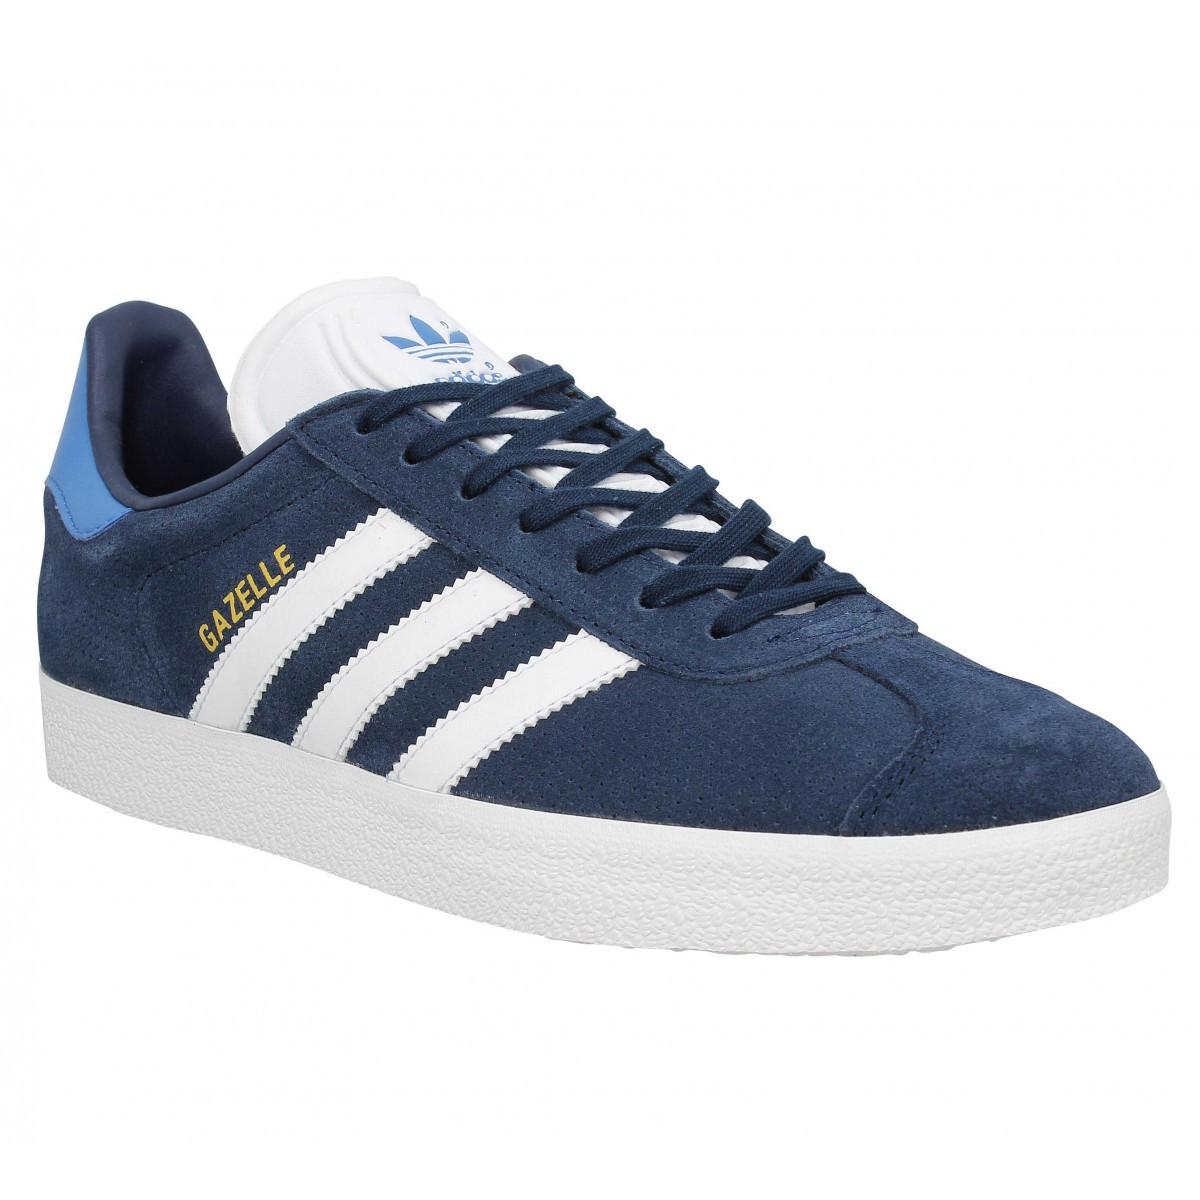 adidas gazelle fille bleu,adidas gazelle fille bleu vente,adidas ...